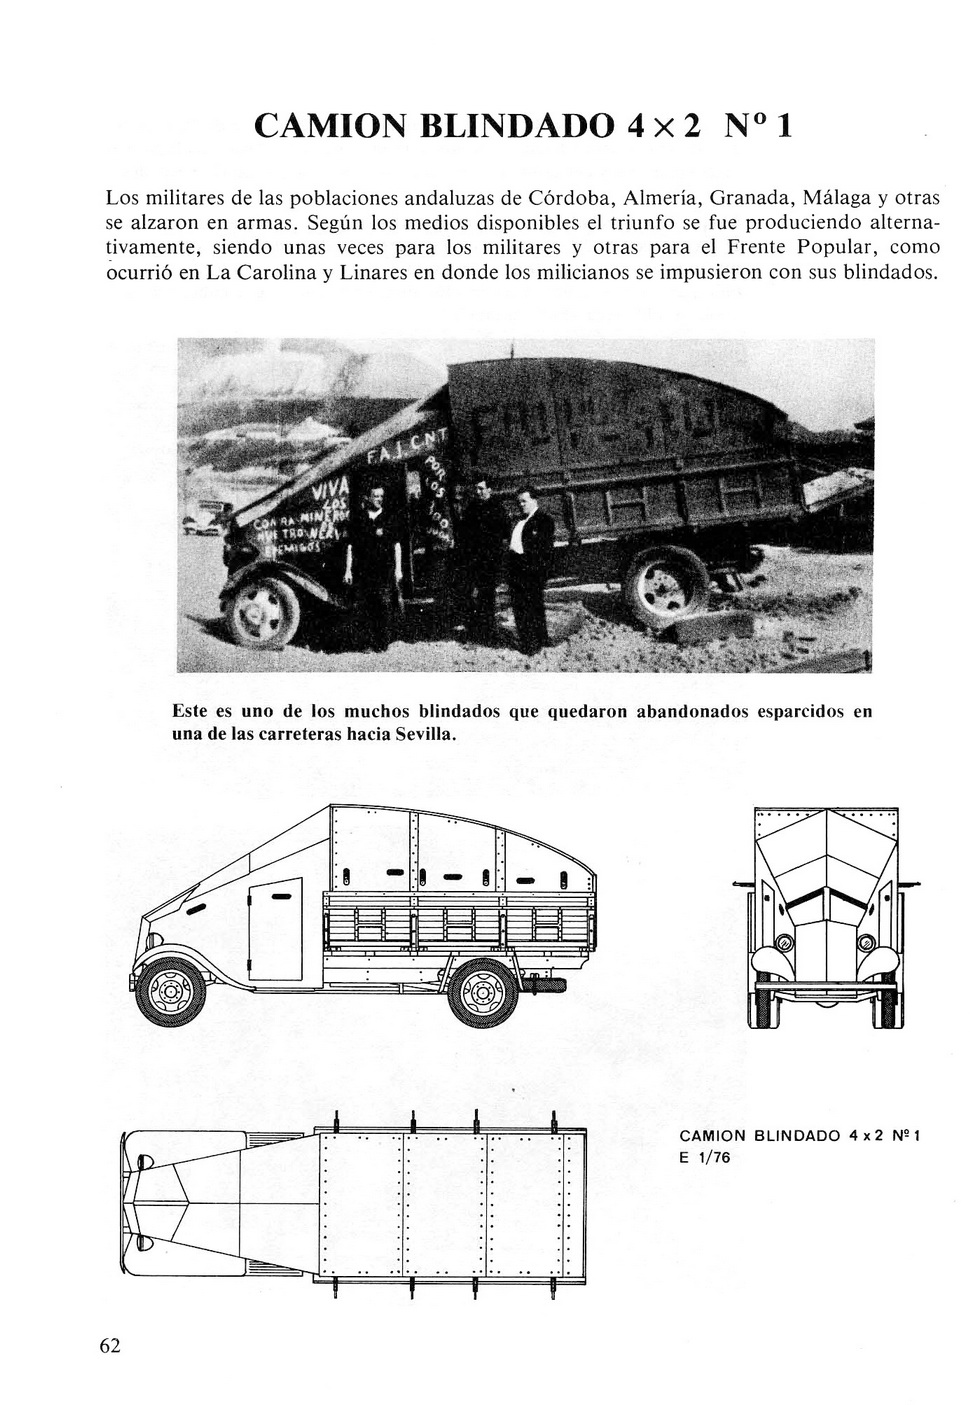 Carros De Combate Y Vehiculos Blindados De La Guerra 1936 1939 [F.C.Albert 1980]_Страница_060.jpg